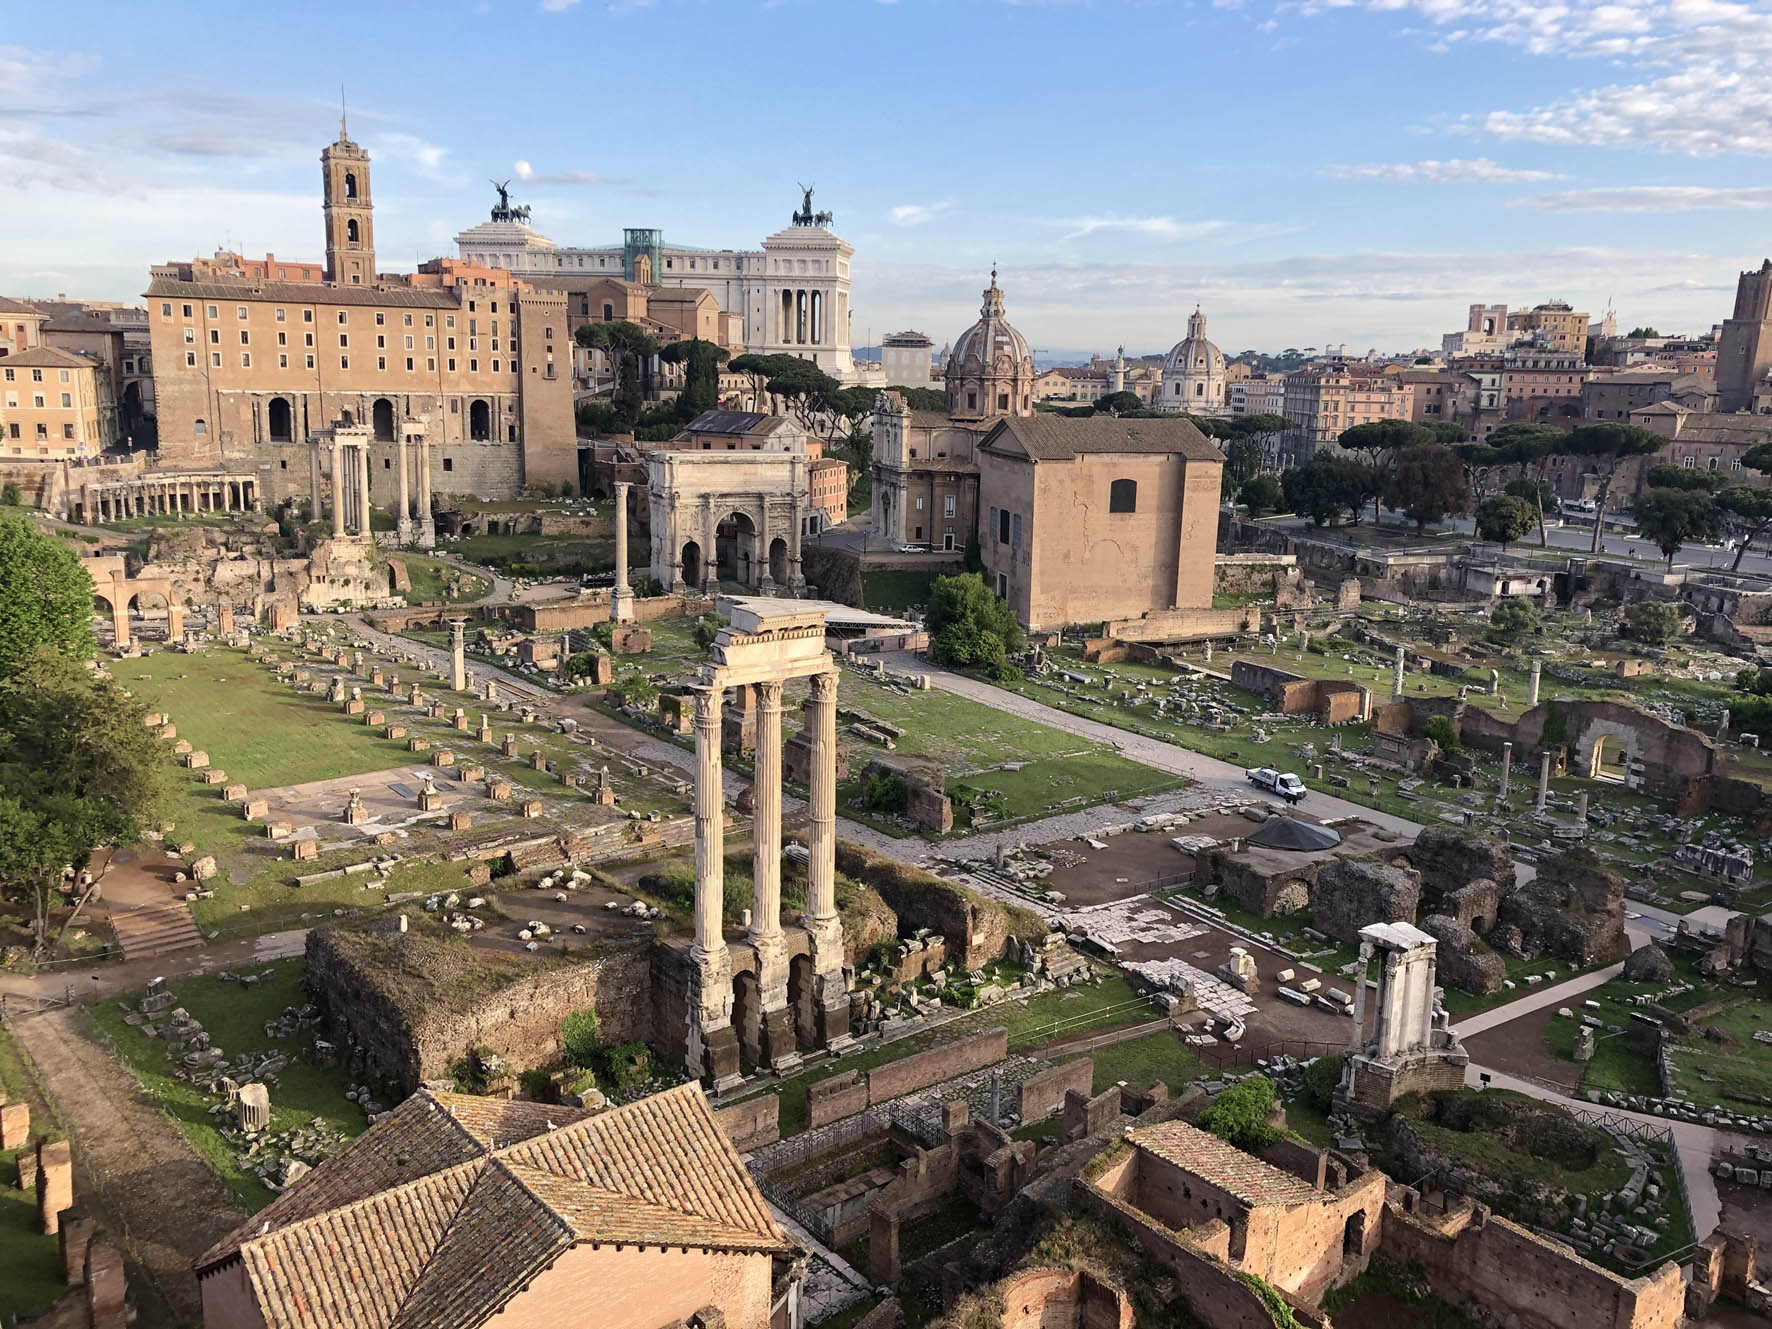 Il Parco del Colosseo lancia l'abbonamento annuale, la card che dà ingressi gratis senza limite